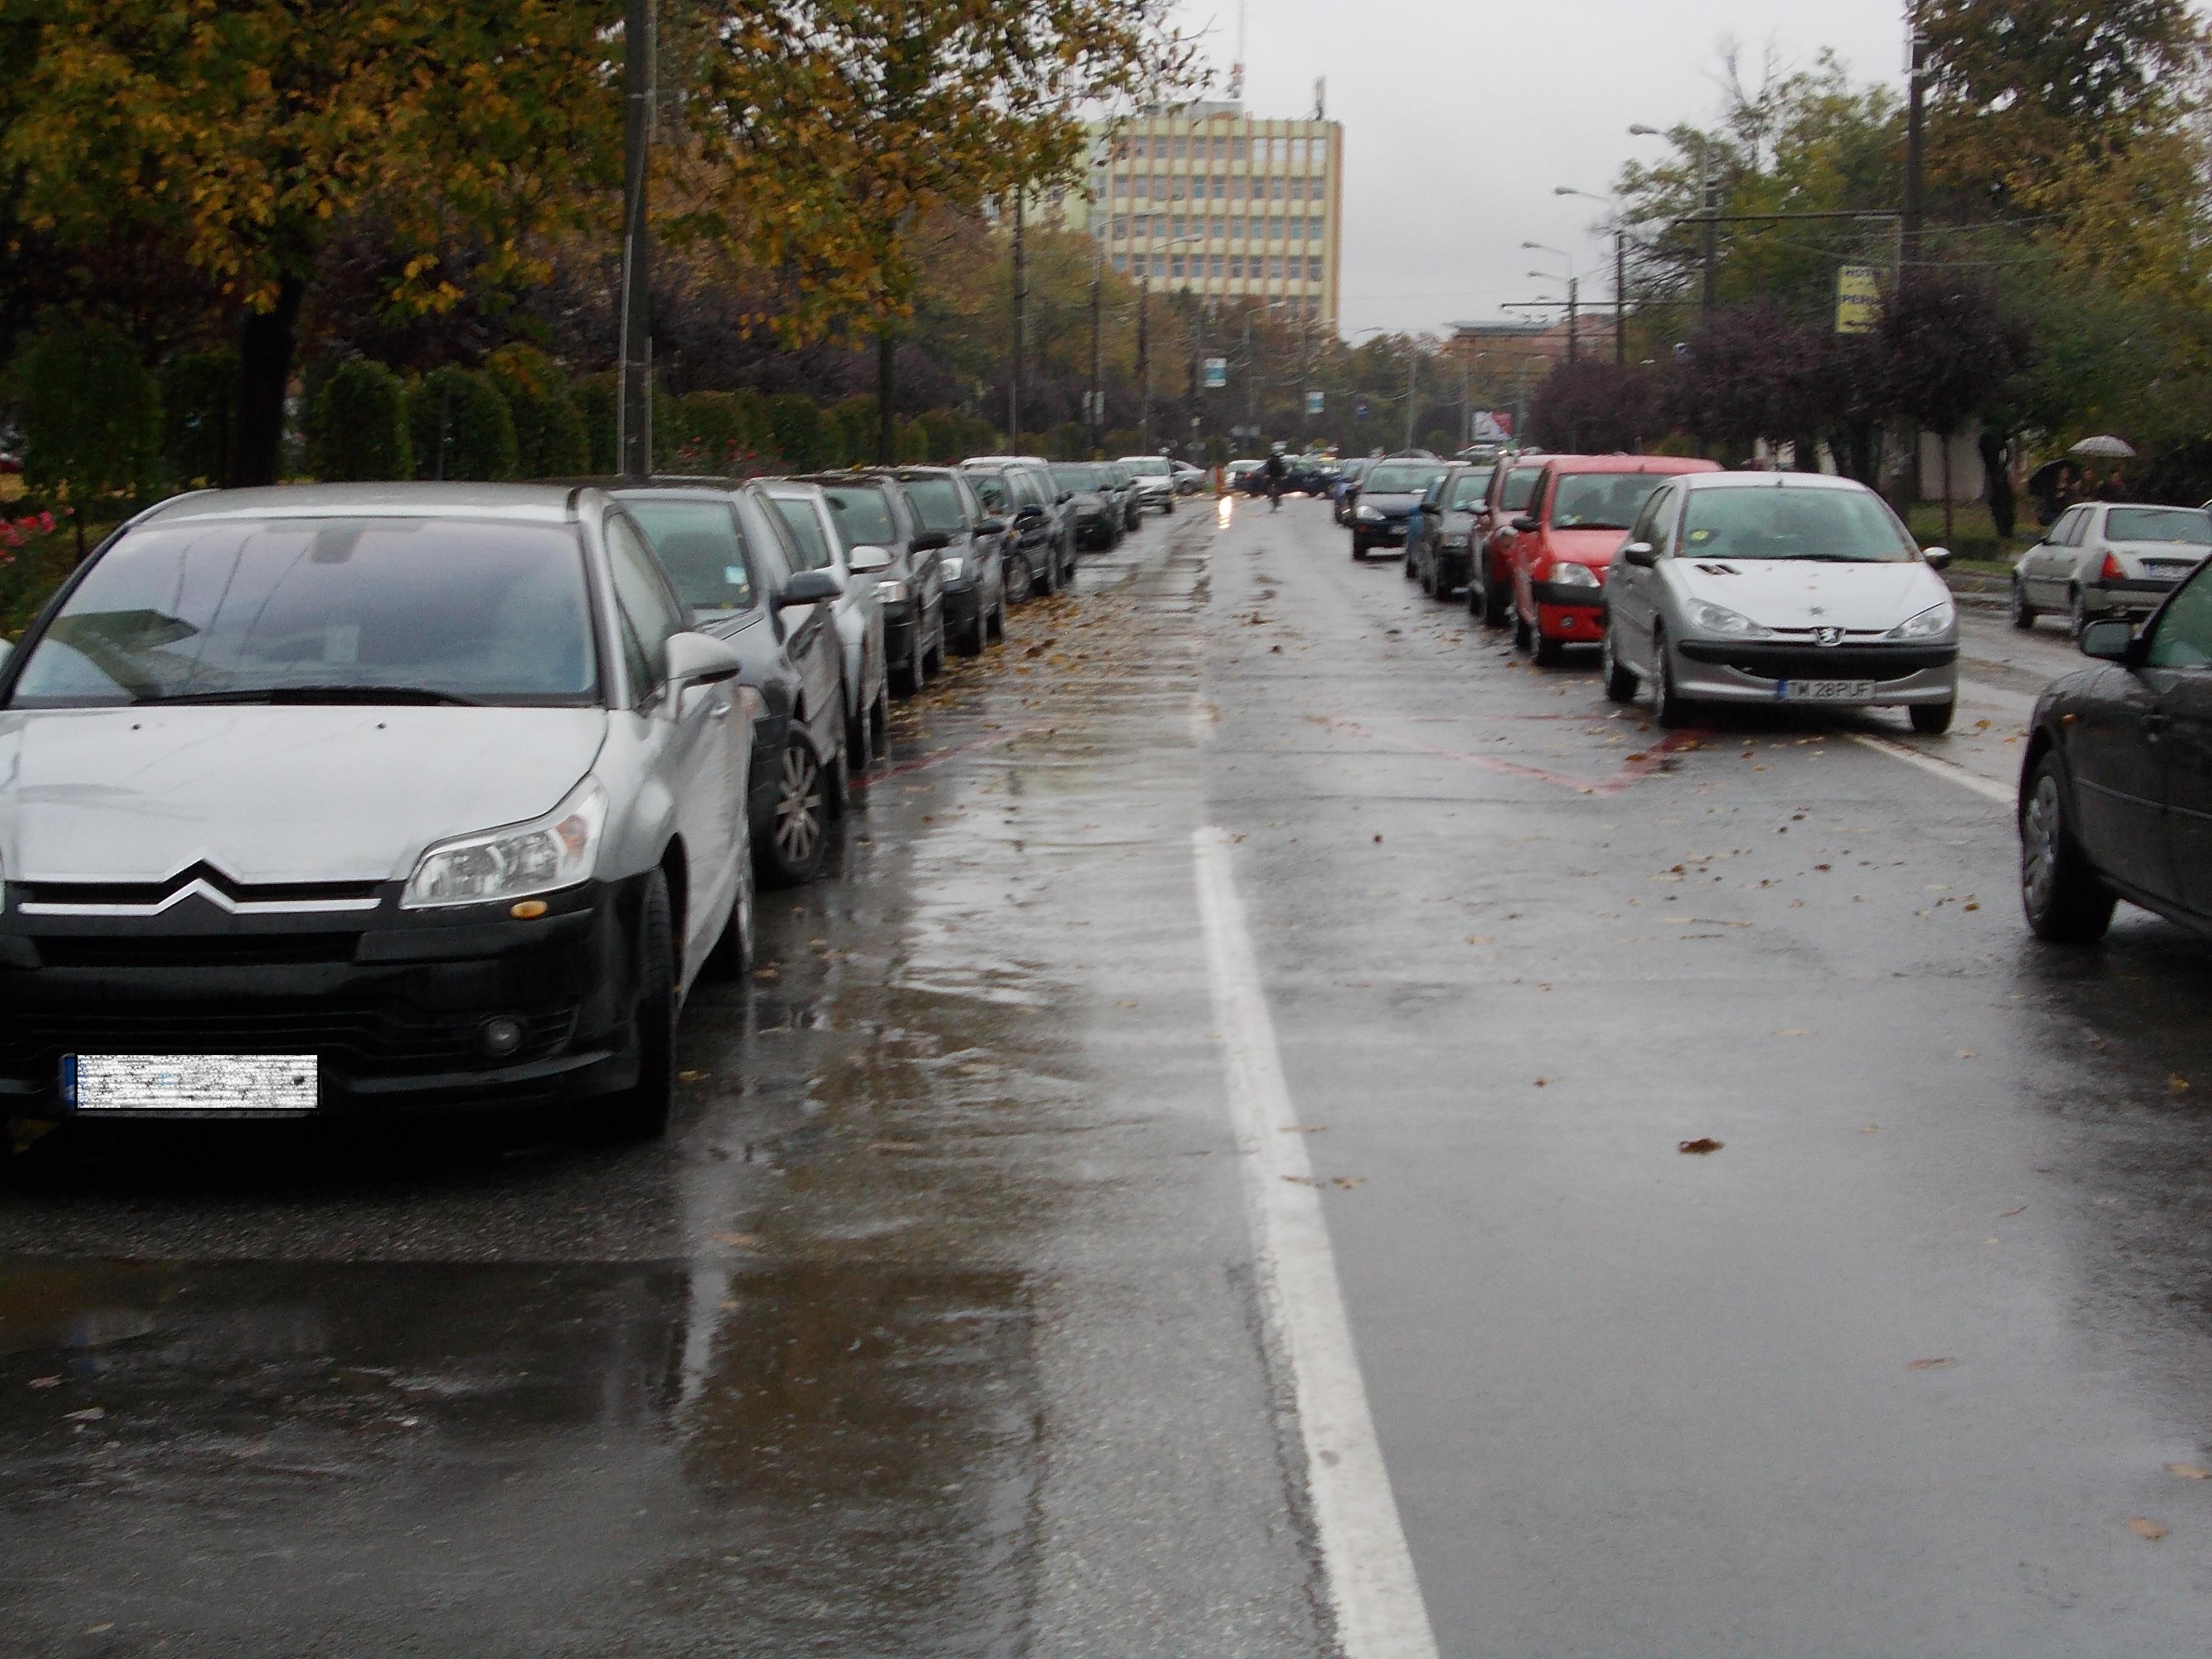 Pentru studenti,vanatoarea locurilor de parcare a luat sfarsit.Cum profita de santierul Michelangelo